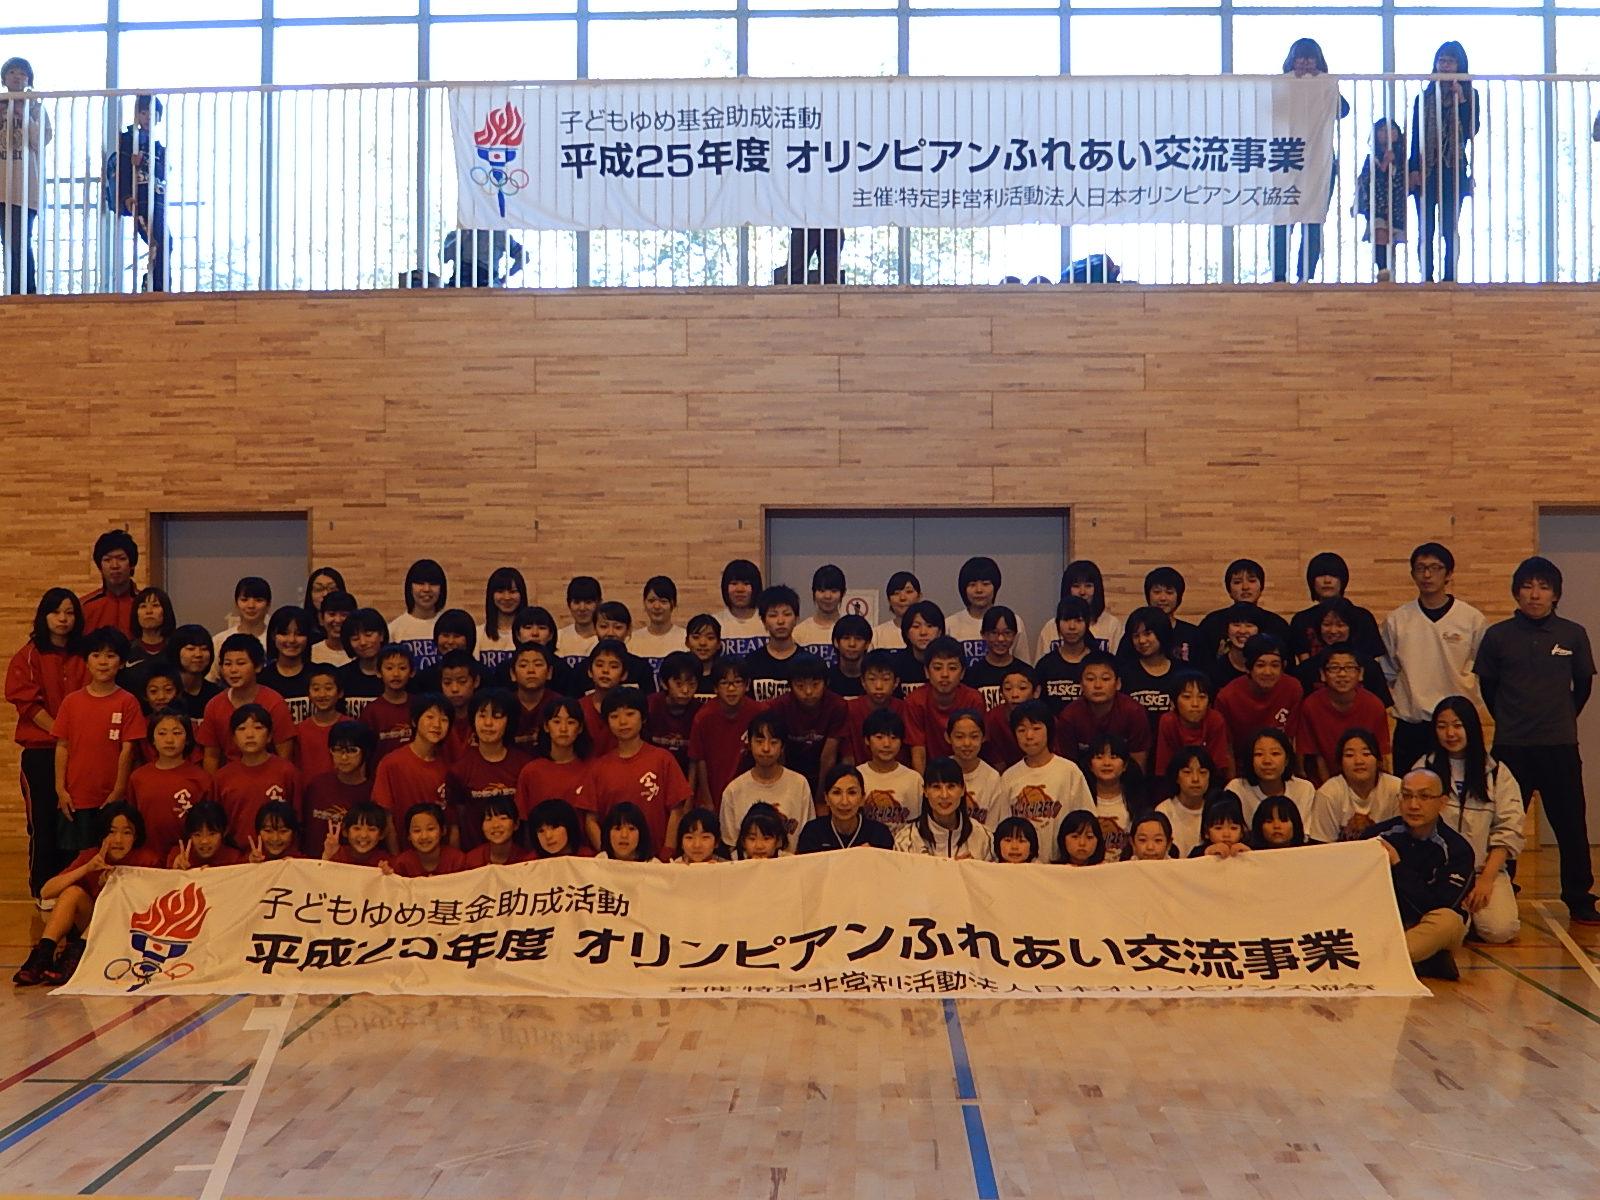 DSCN0848.JPG